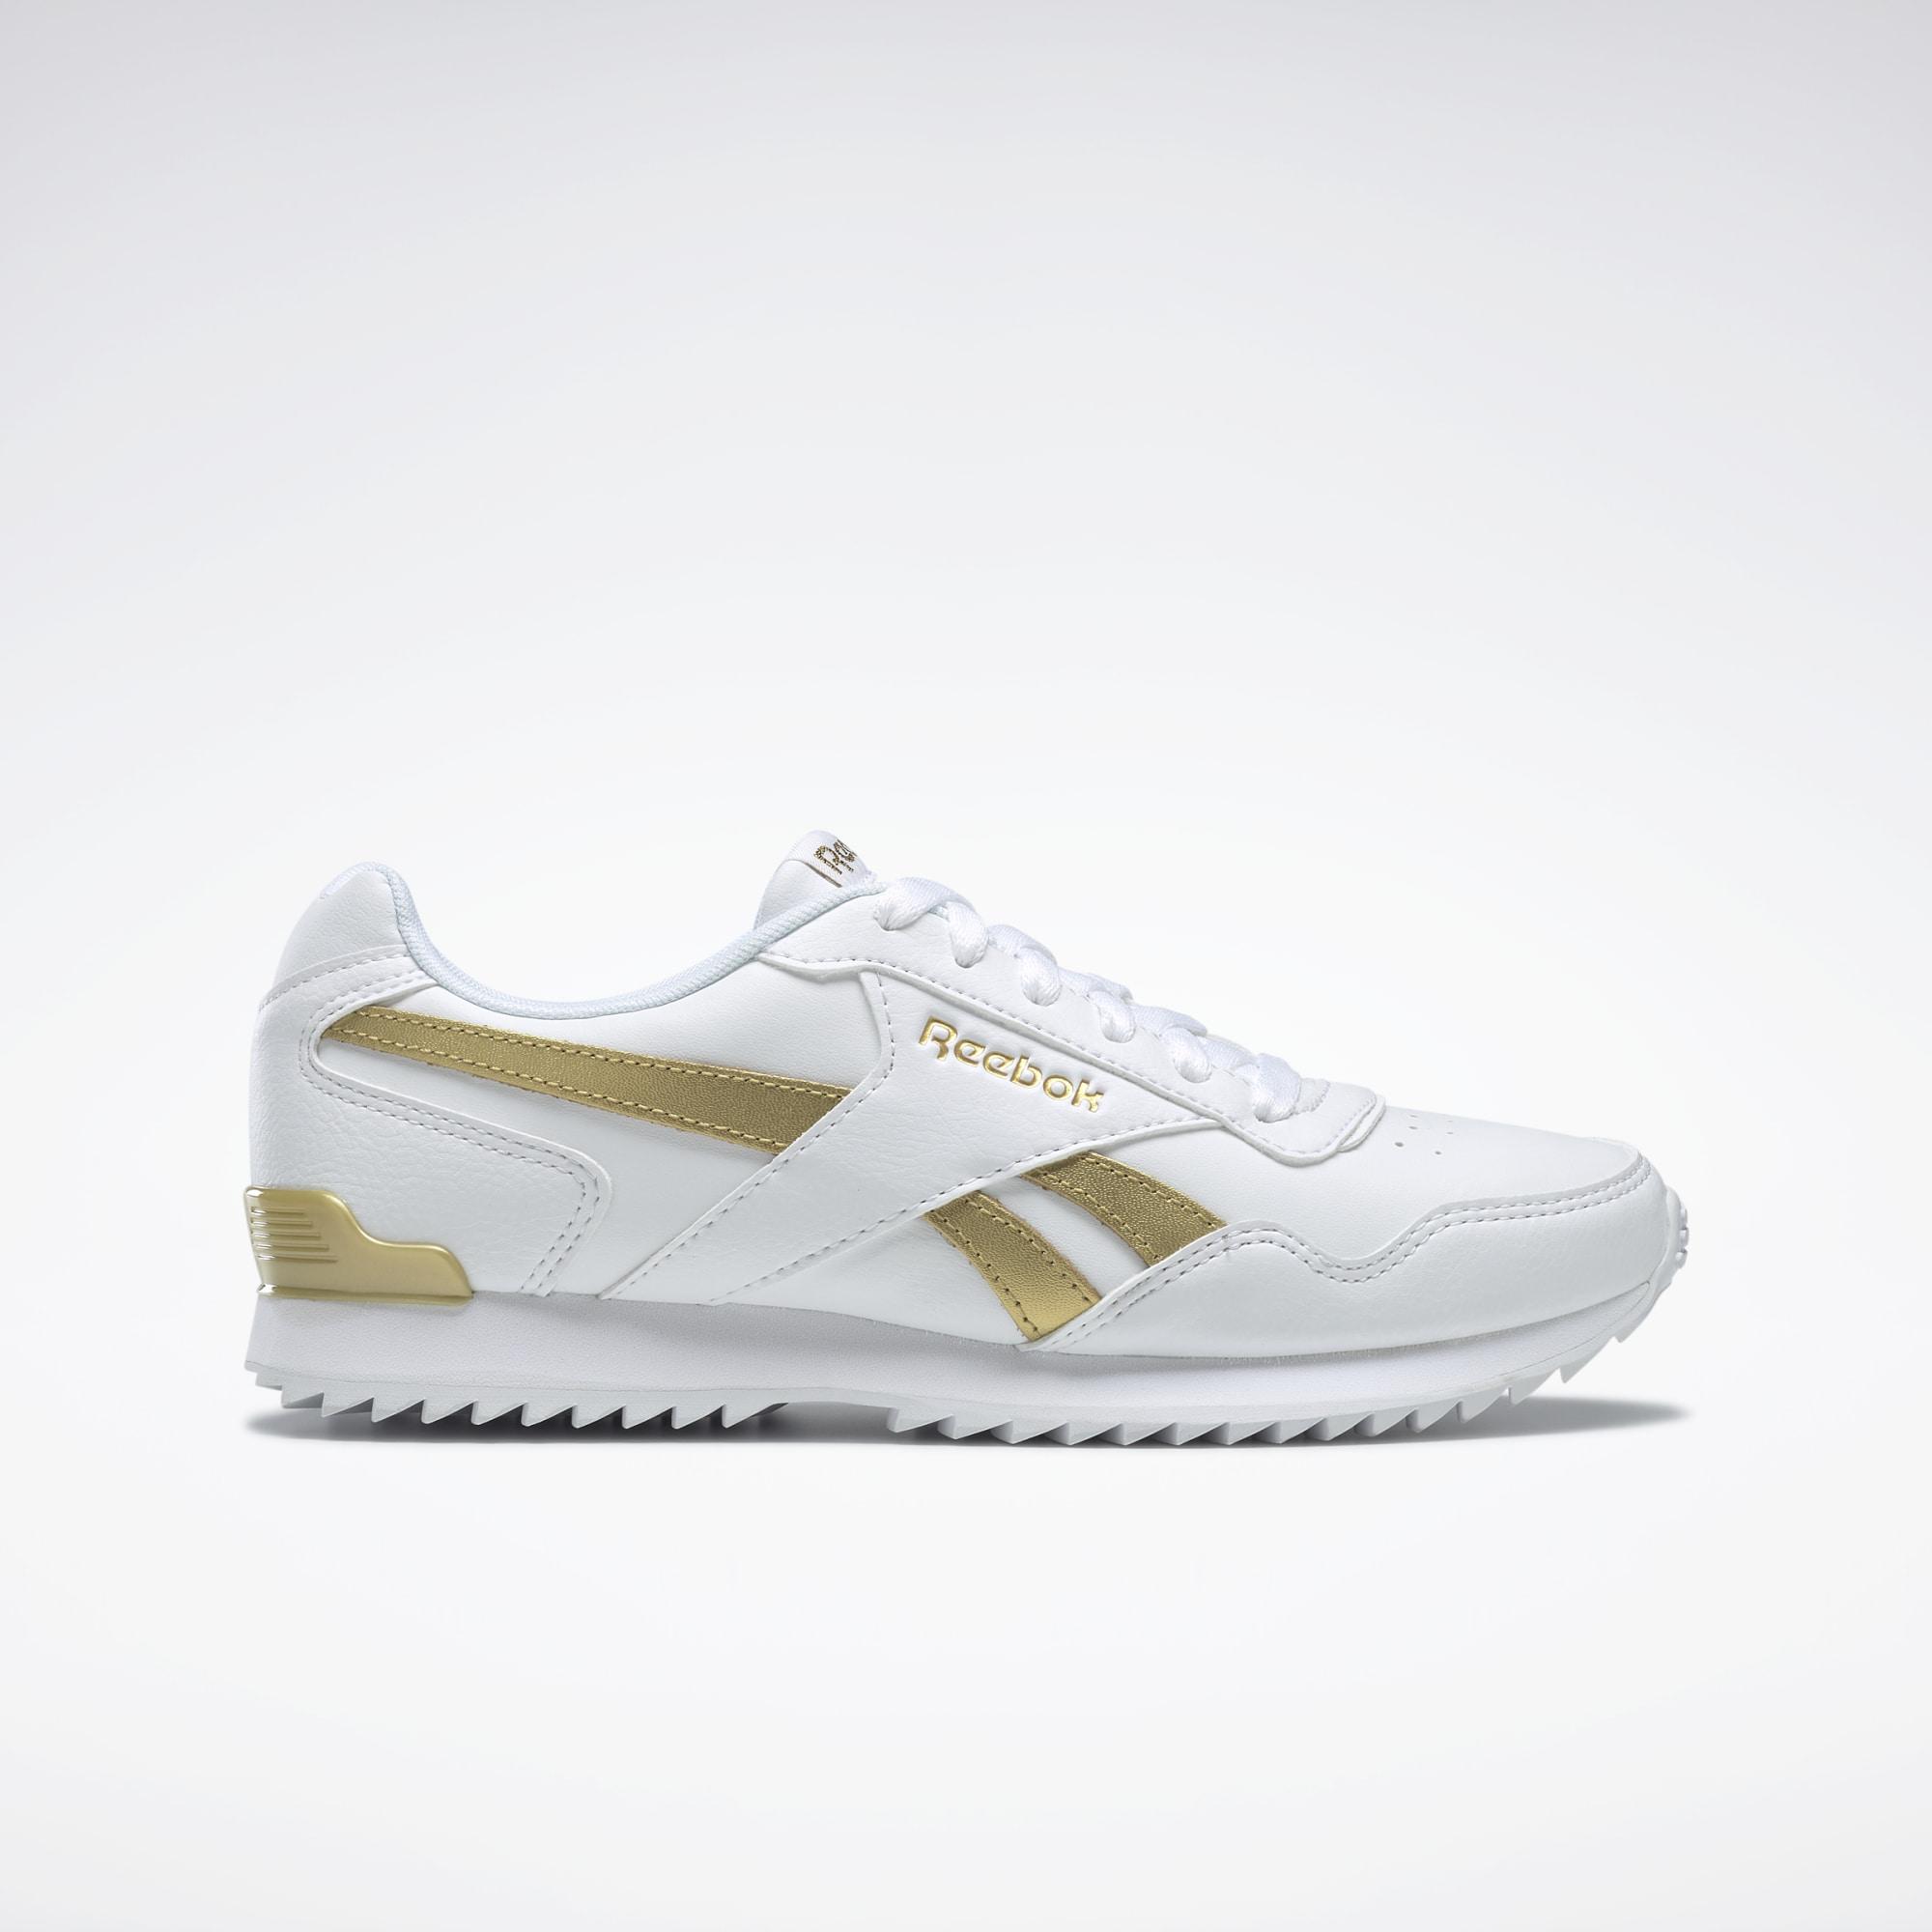 Zapatillas blancas con detalles en dorado